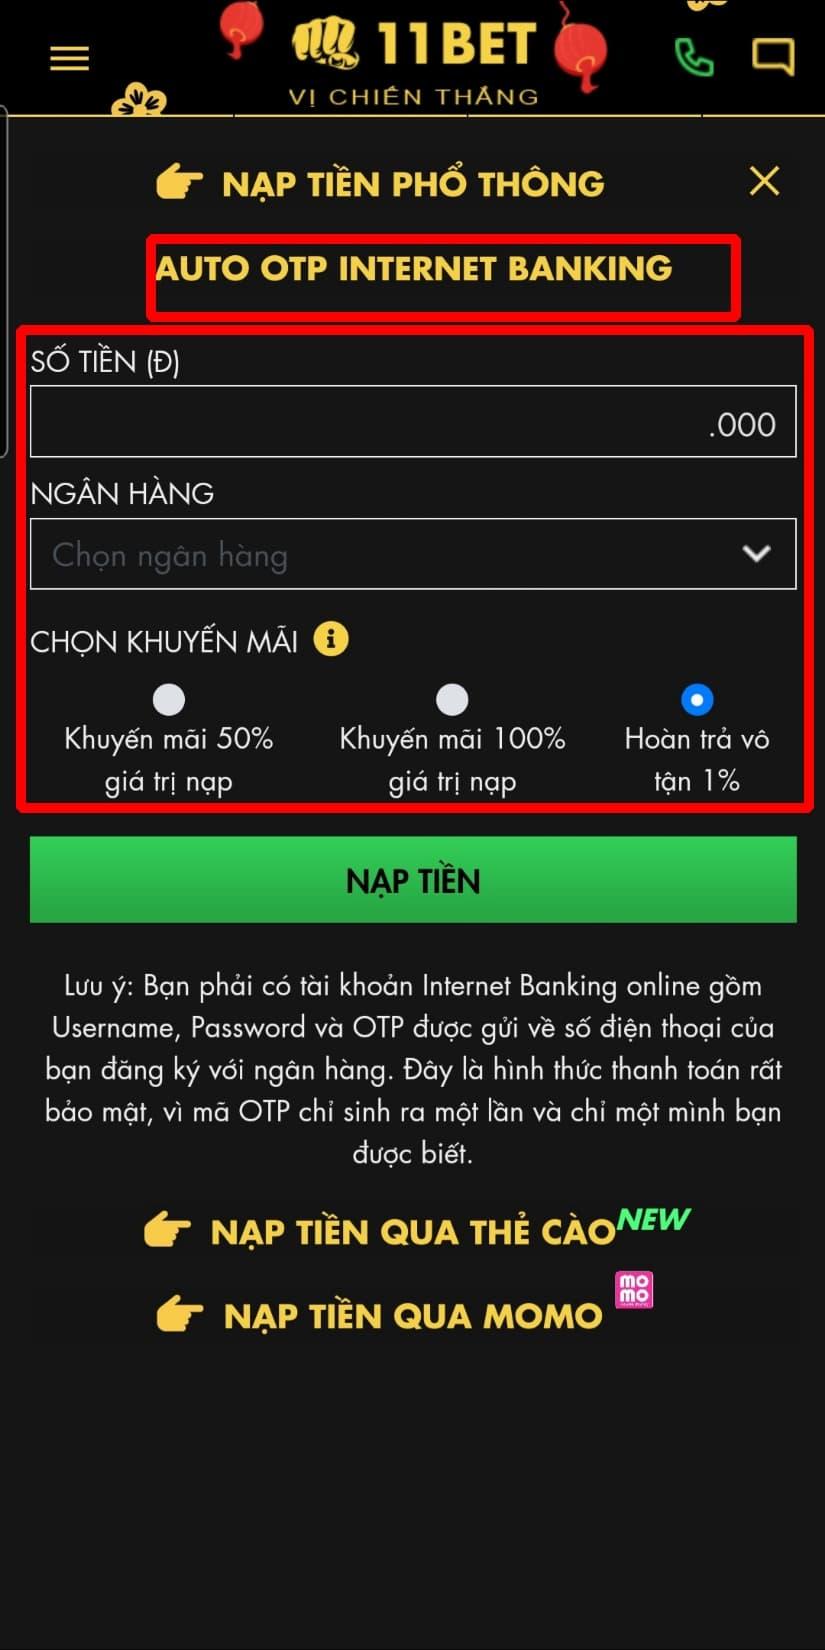 Bấm chọn AUTO OTP INTERNET BANKING. Sau đó điền đầy đủ các thông tin để bắt đầu quá trình nạp tiền qua Auto OTP Internet banking